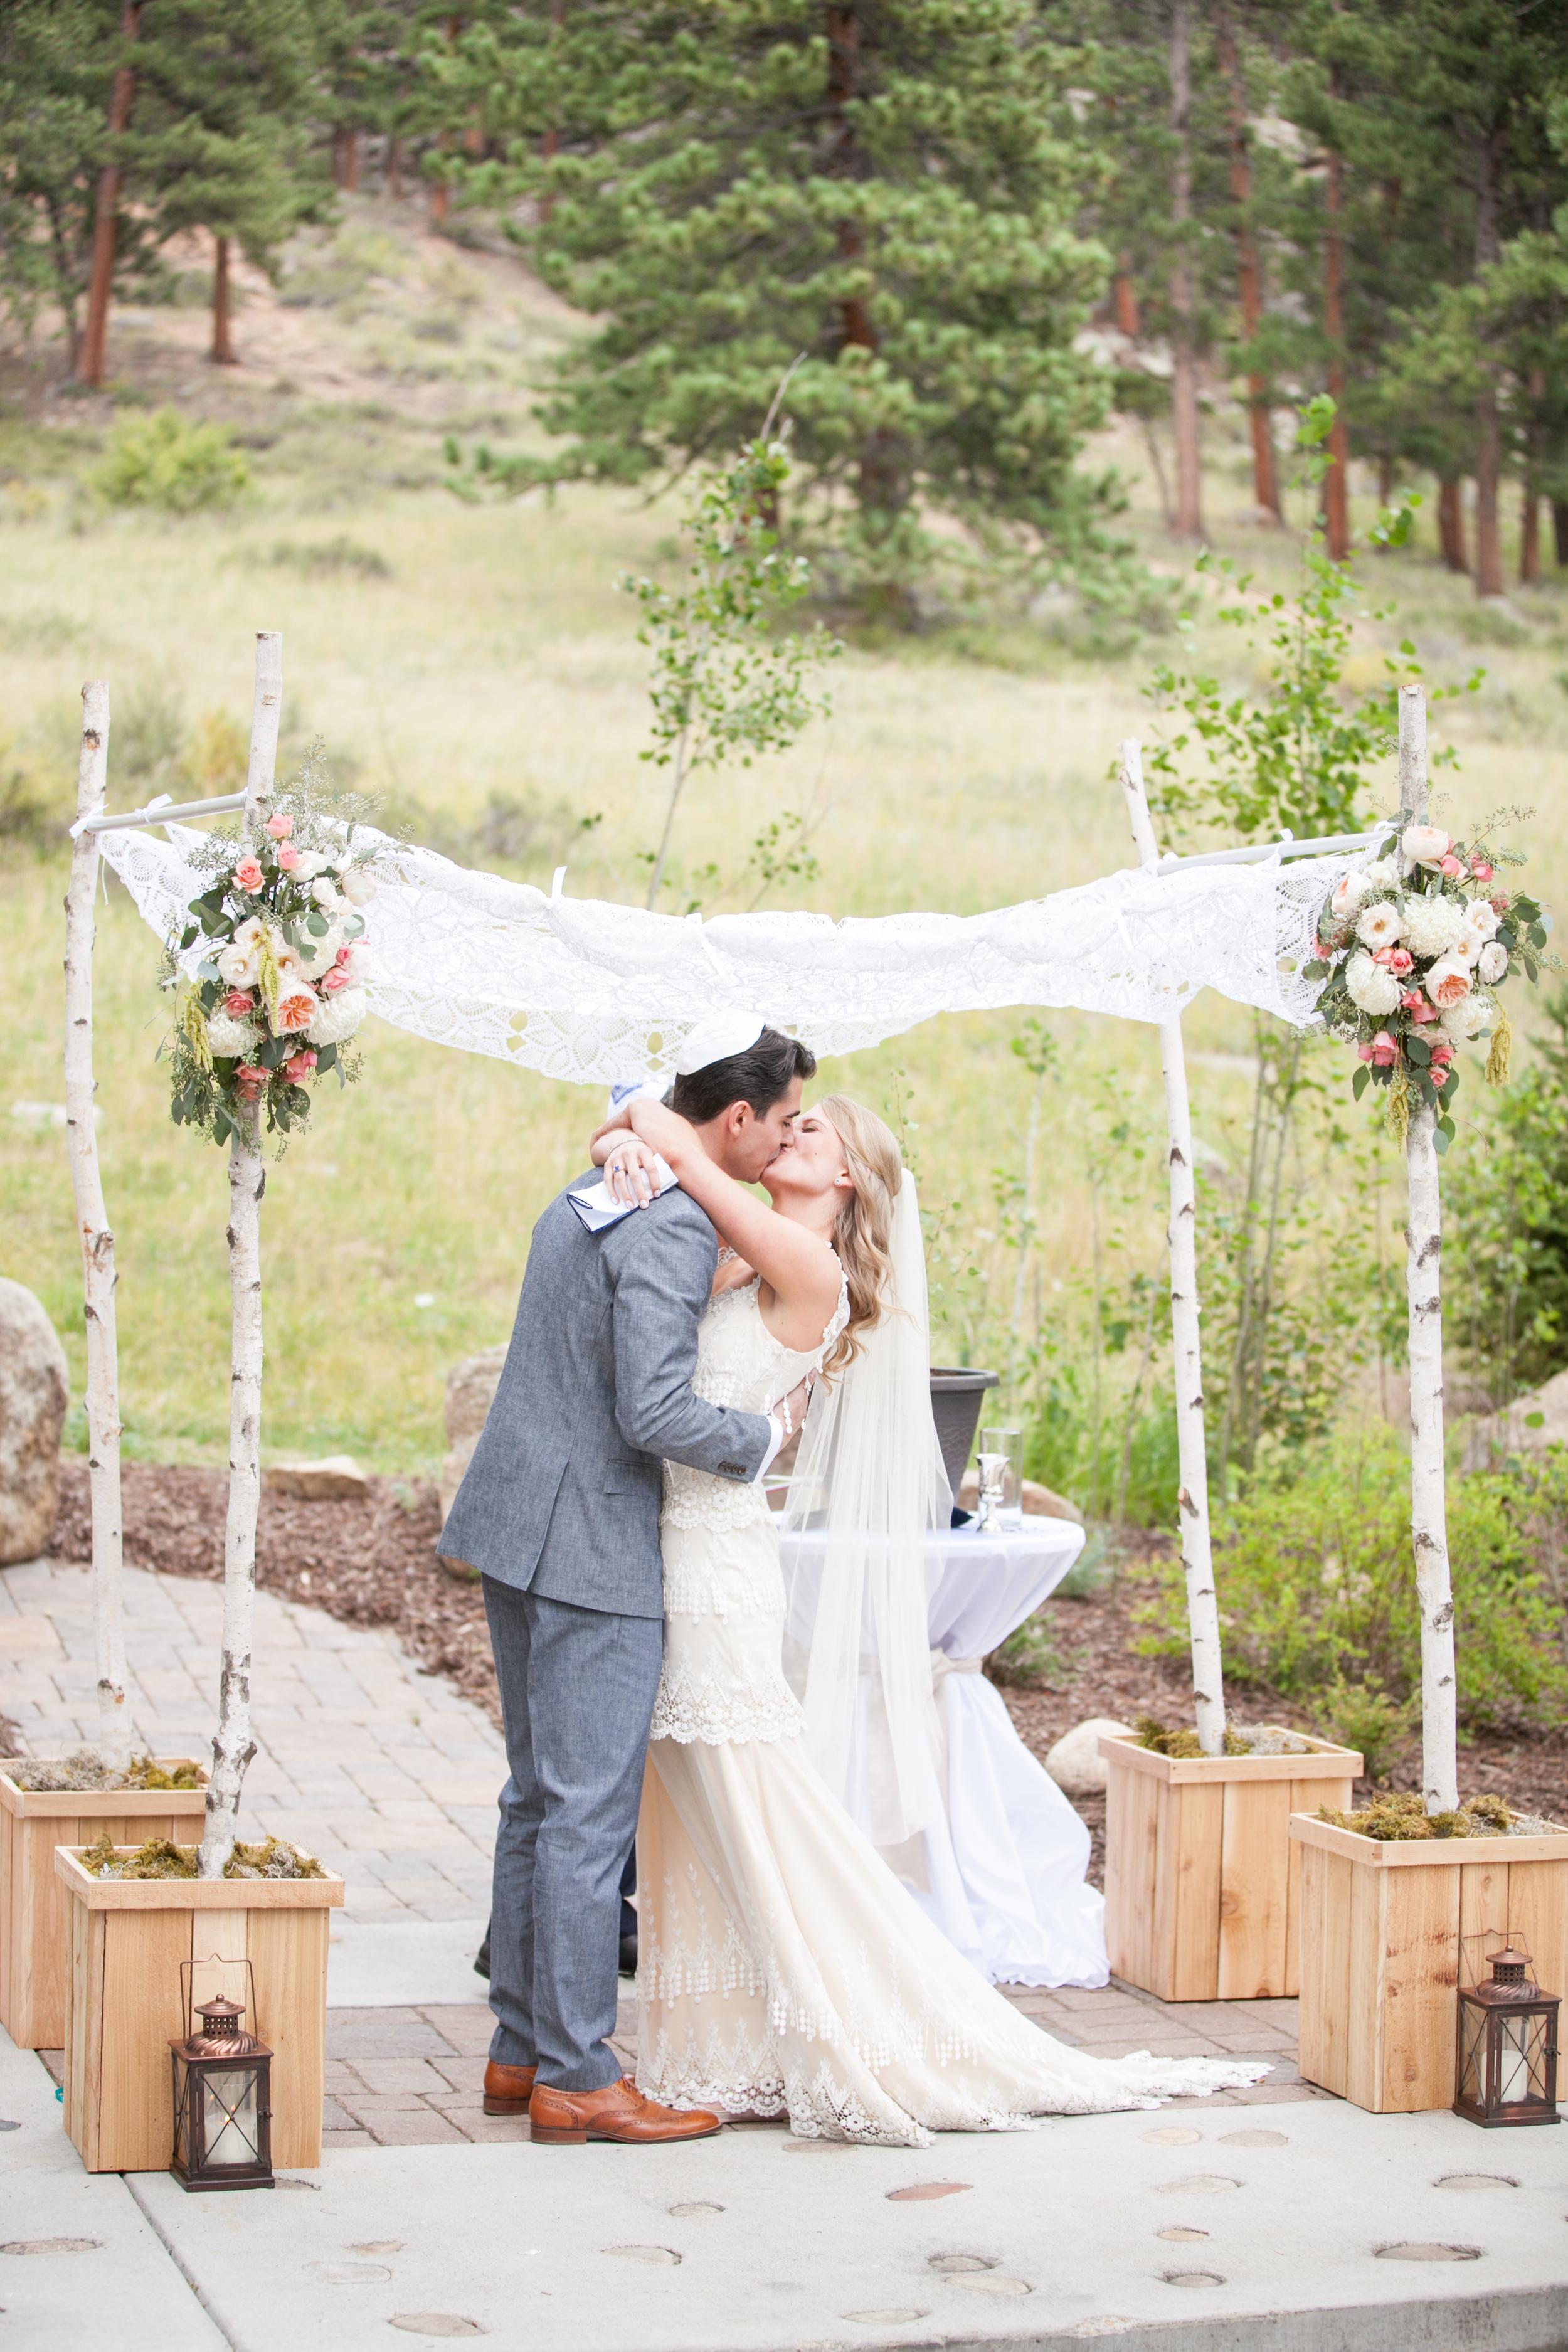 Romantic Mountain Wedding | Estes Park, Colorado | Bello & Blue Events | Colorado & Denver Wedding Planner